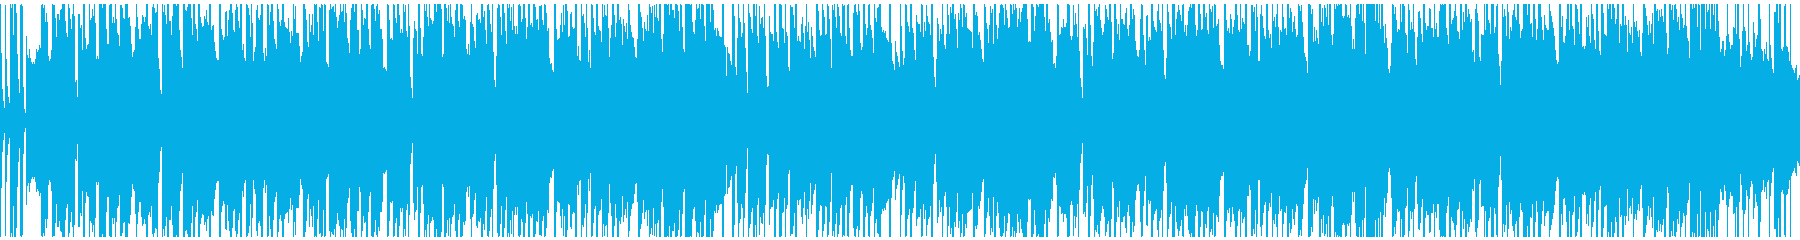 【ループ対応s】大人雰囲気ブルースギターの再生済みの波形